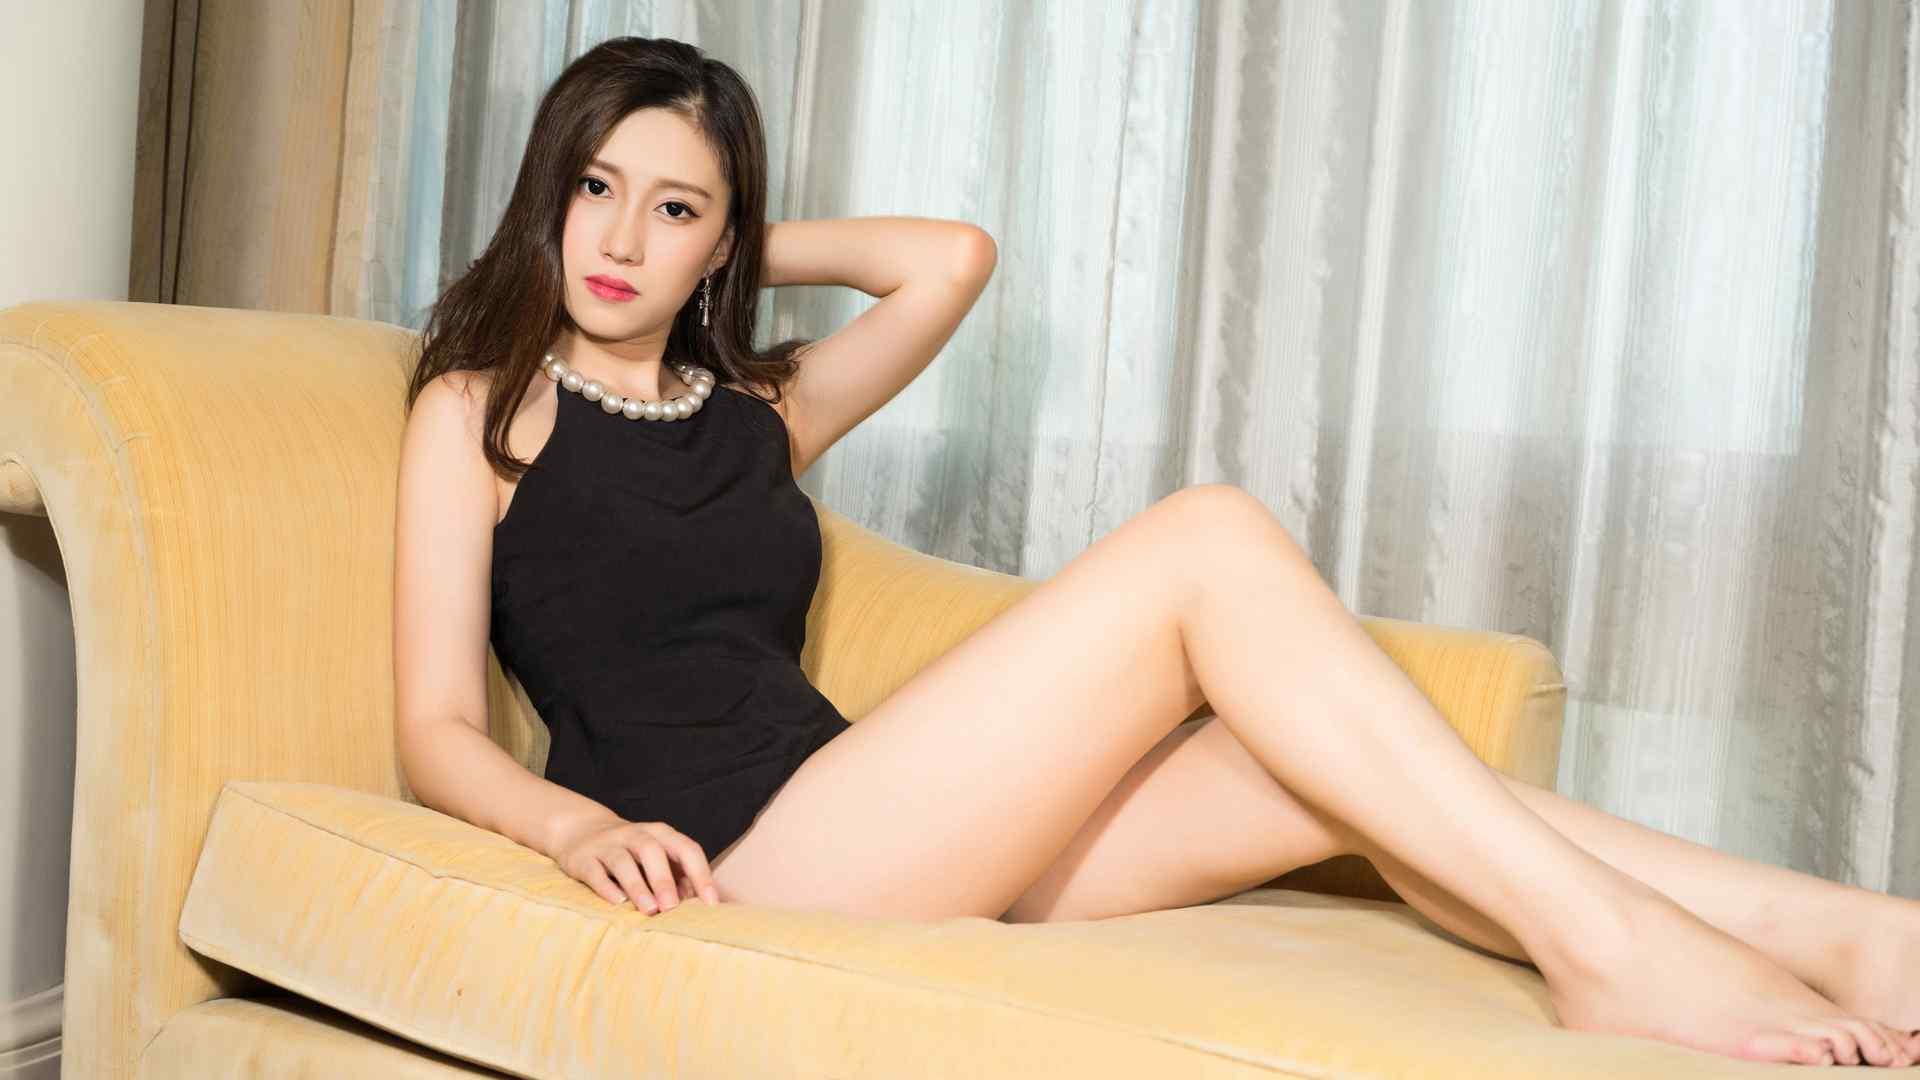 美女壁纸高清黑色衣服性感身材美女芝月壁纸性感黑丝黑丝制服性感女郎